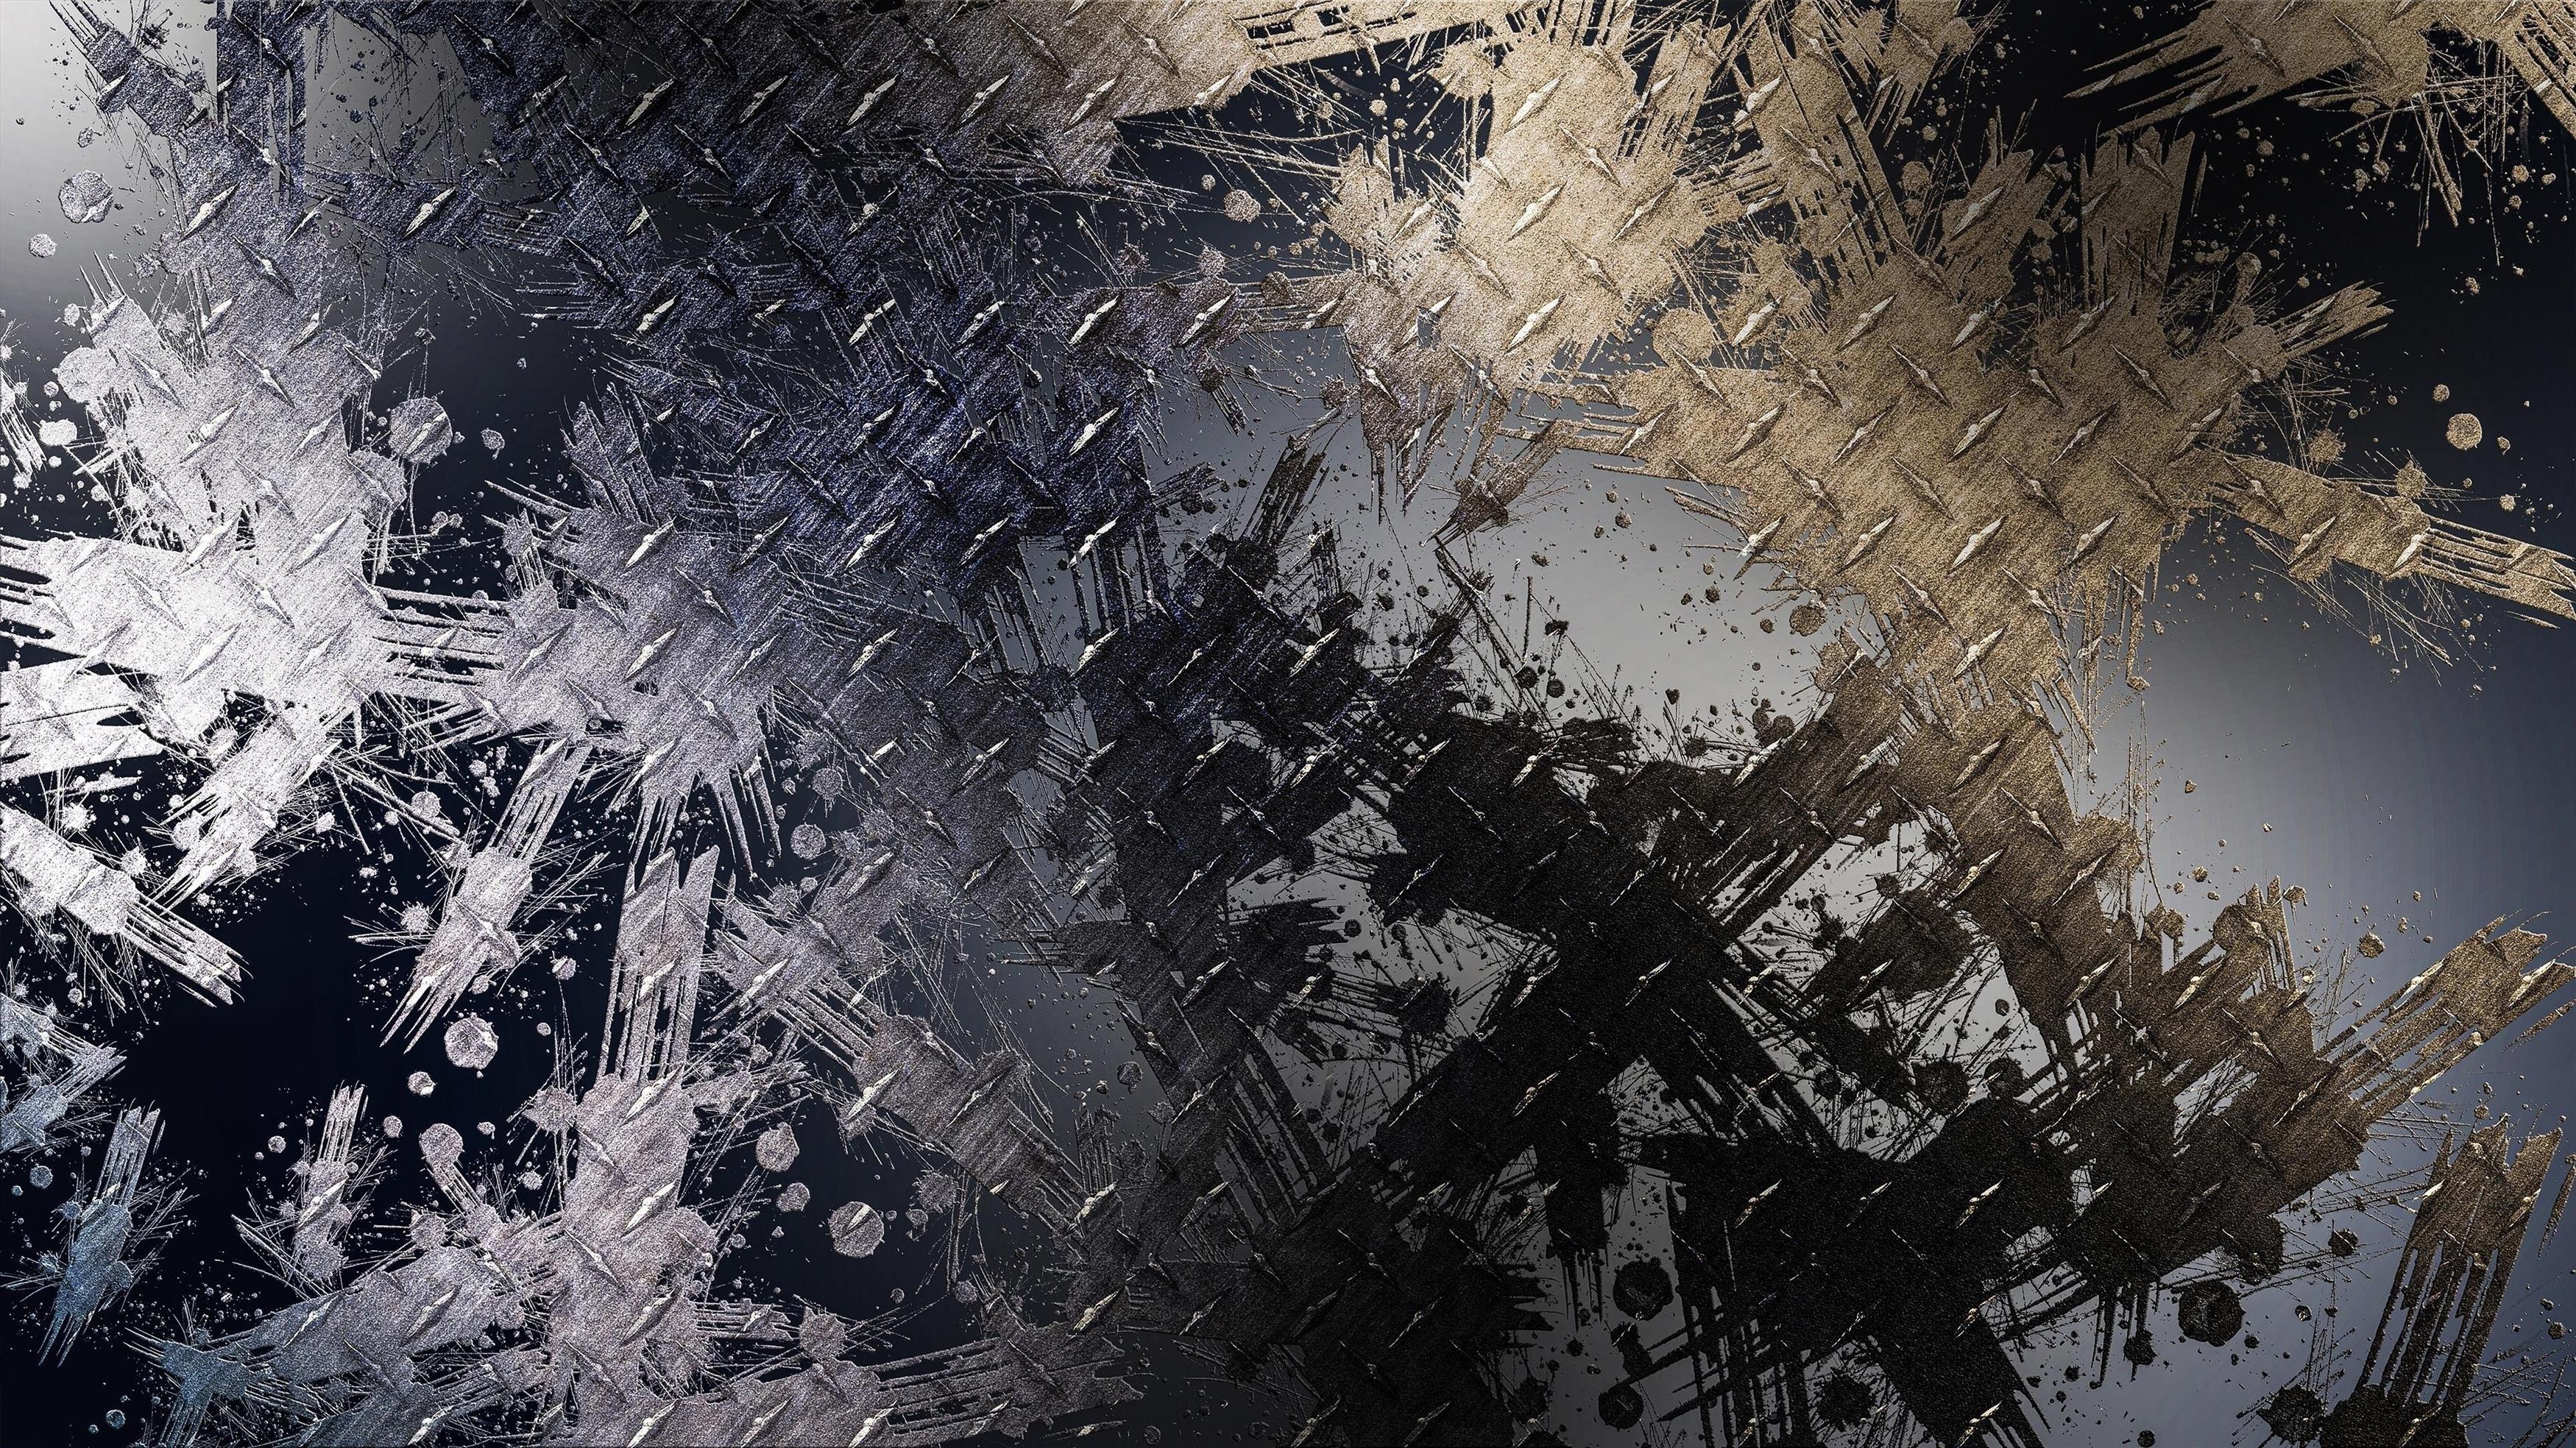 Золотой серый всплеск пыли абстрактный обои скачать